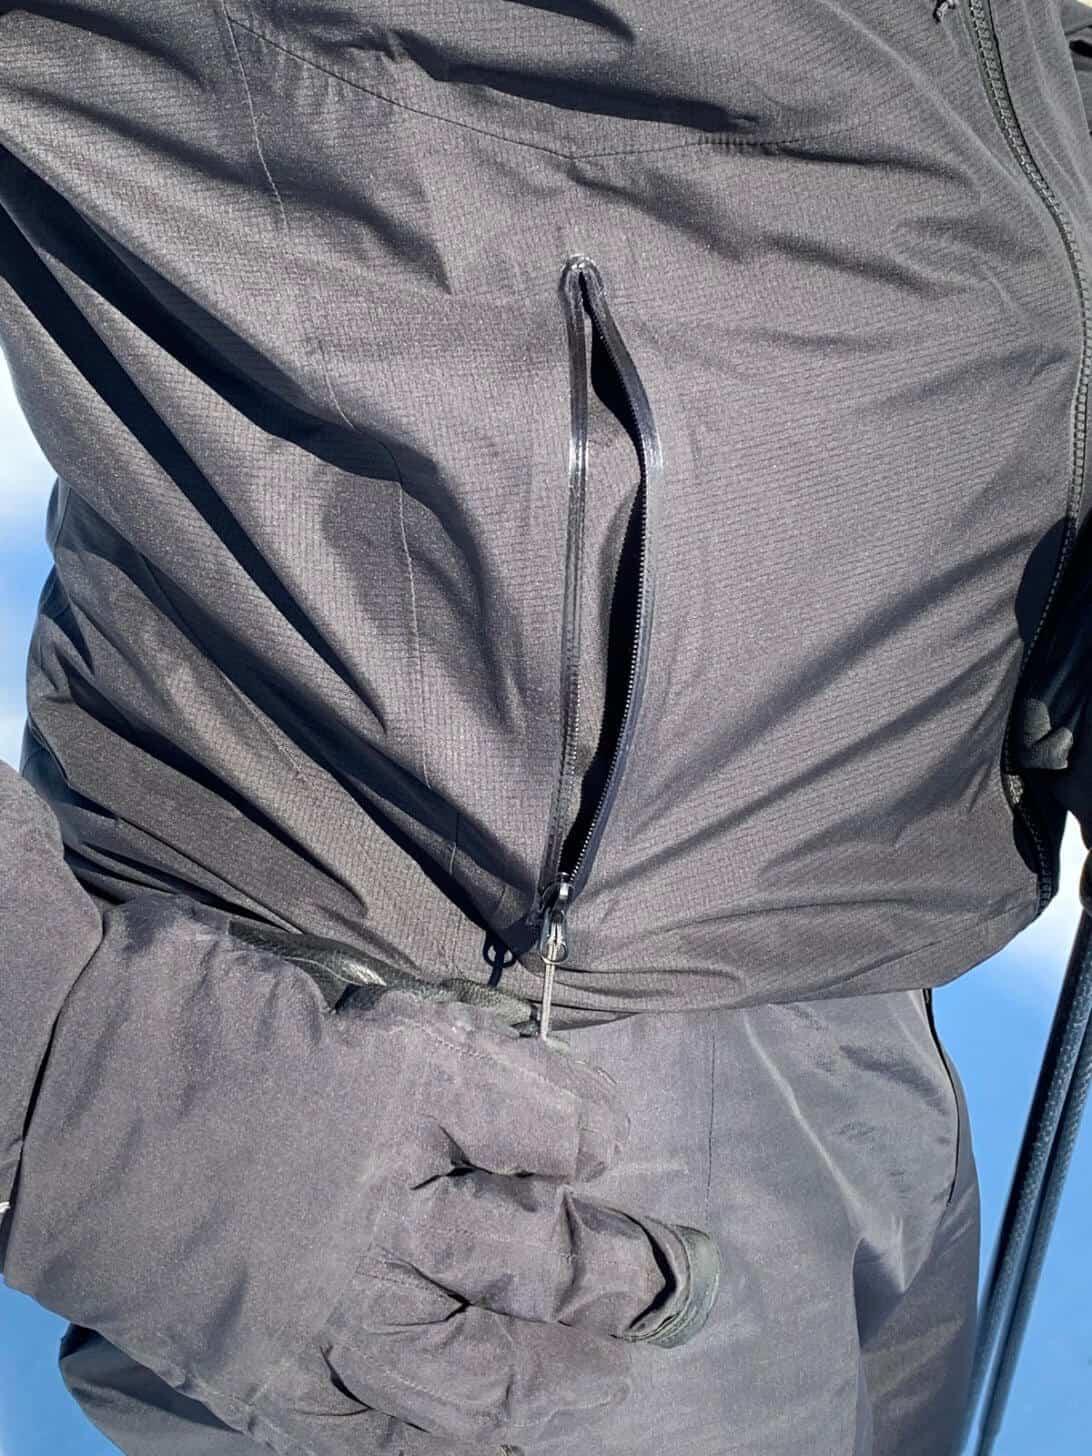 arcteryx zeta fl jacket pocket zip